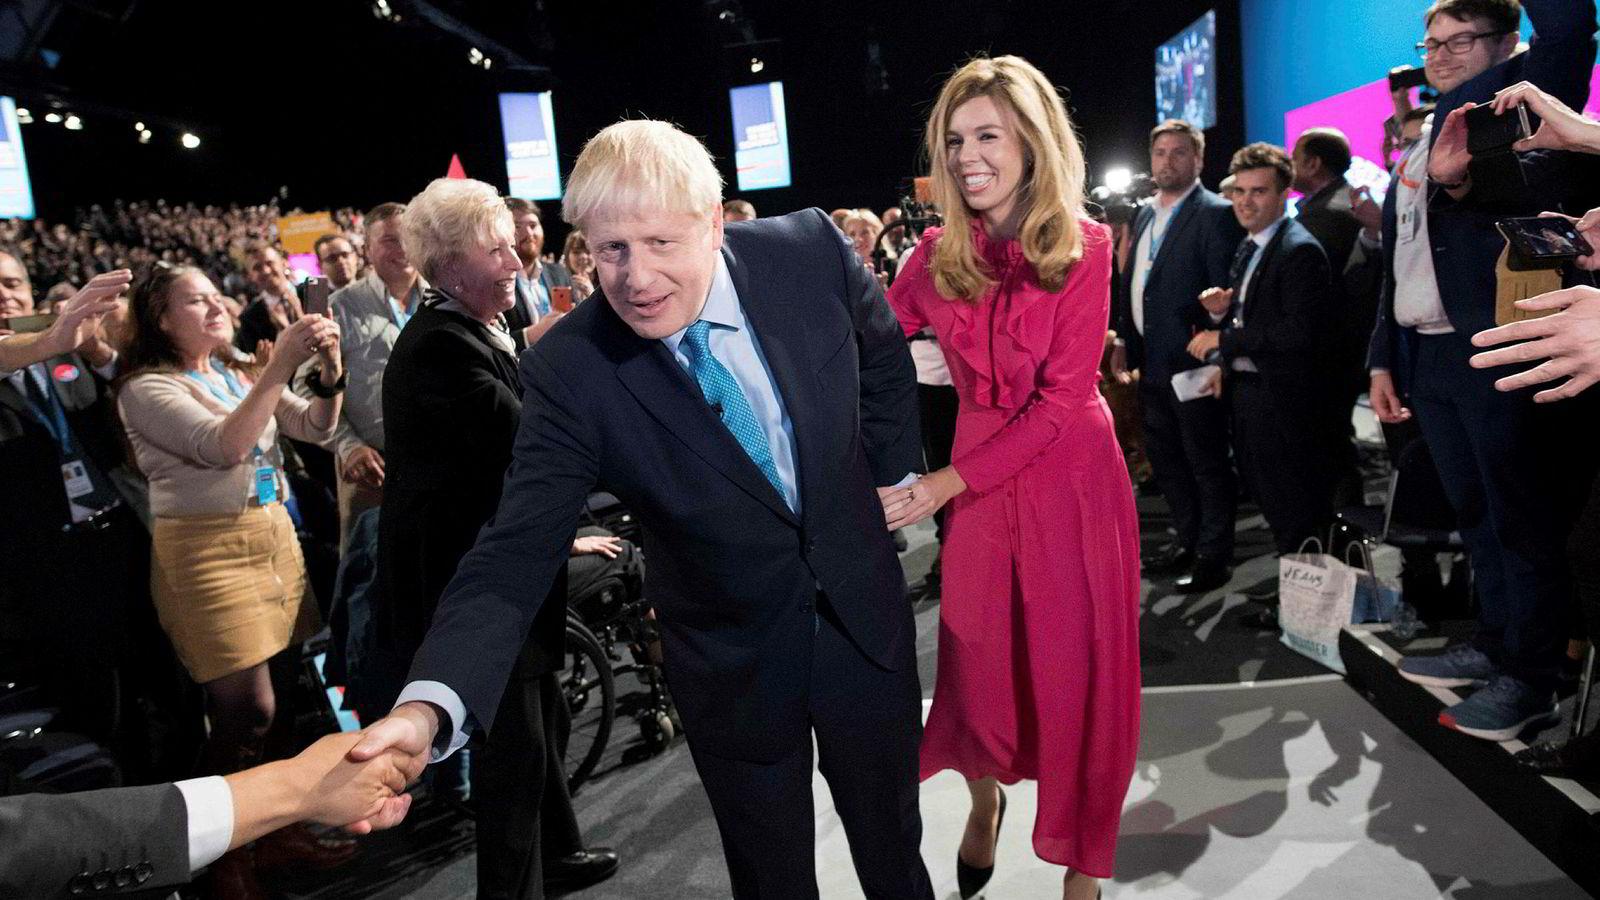 Storbritannias statsminister Boris Johnson forlater partikonferansen i Manchester sammen med samboeren Carrie Symonds etter å ha holdt sin hovedtale onsdag.